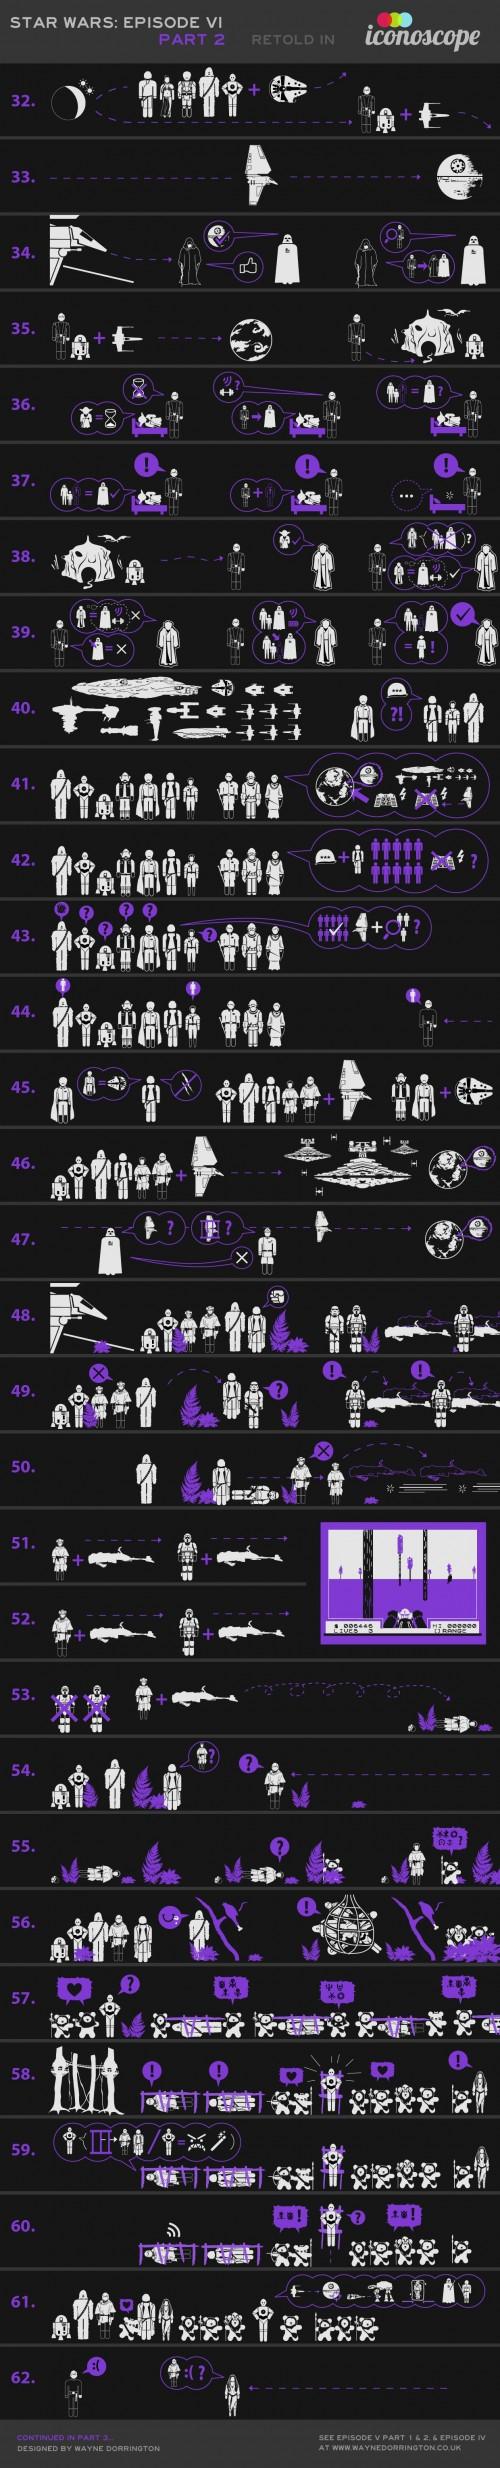 La trilogie Star Wars en 2 minutes et 12 secondes